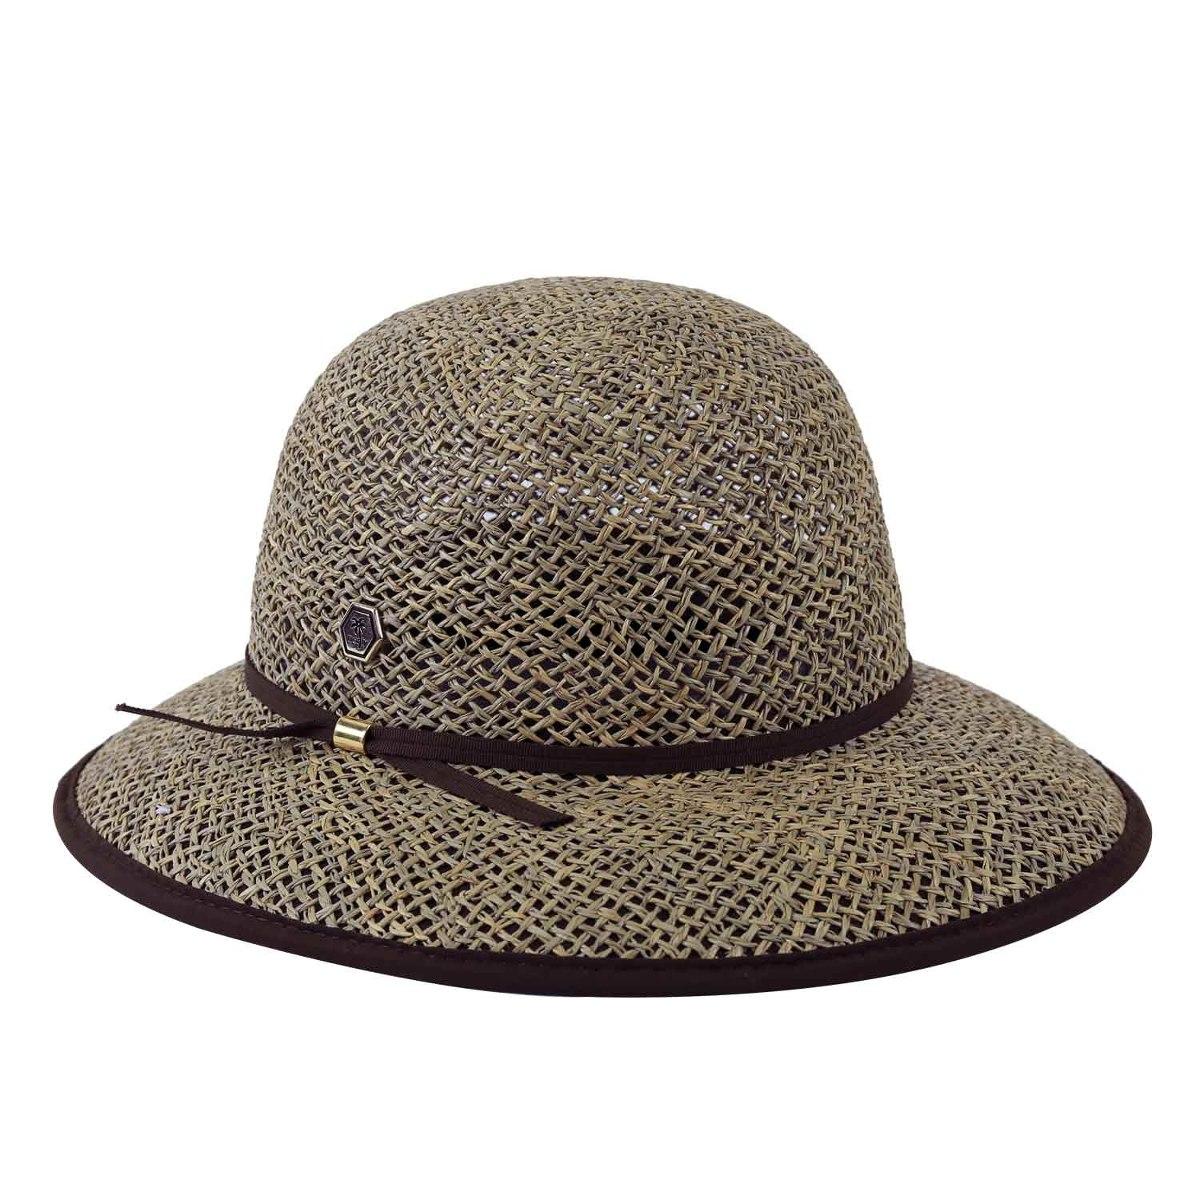 chapéu feminino palha praia proteção uv luxo. Carregando zoom. a3b82c93cbf